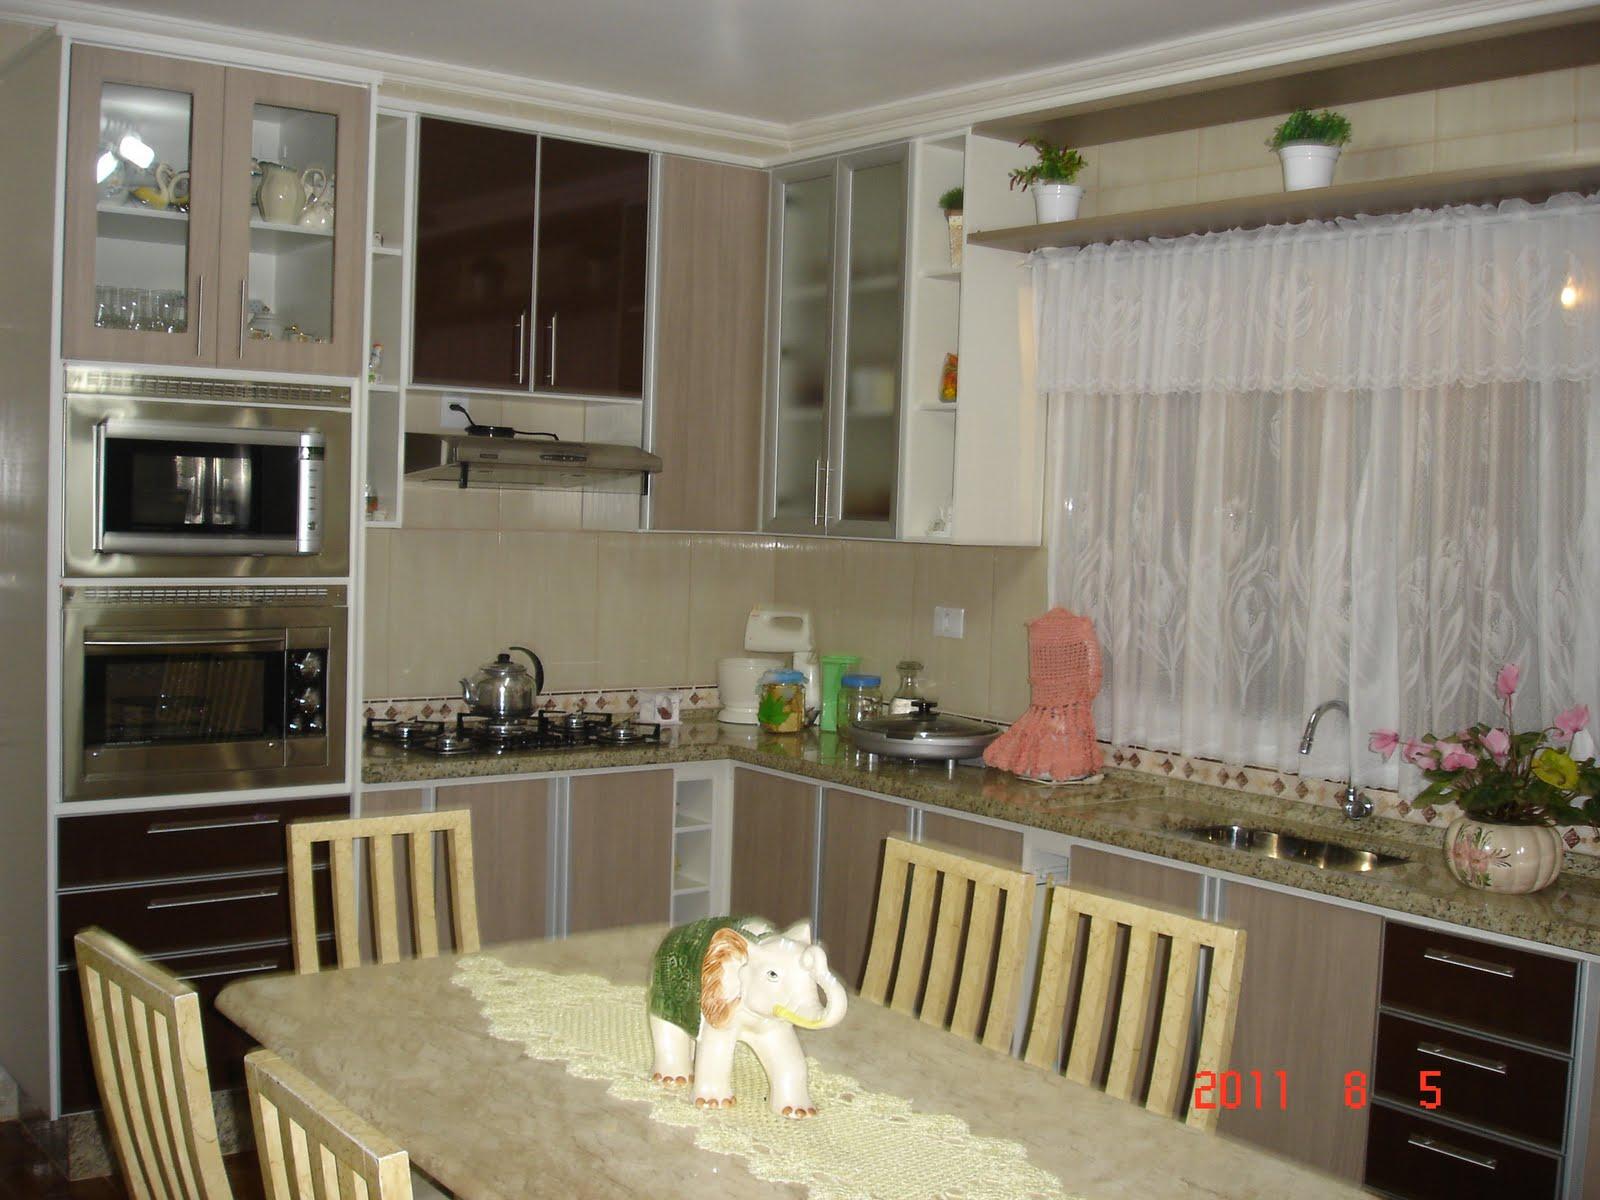 Criart Móveis e Design de Interiores: Cozinha Atenas #A63625 1600 1200